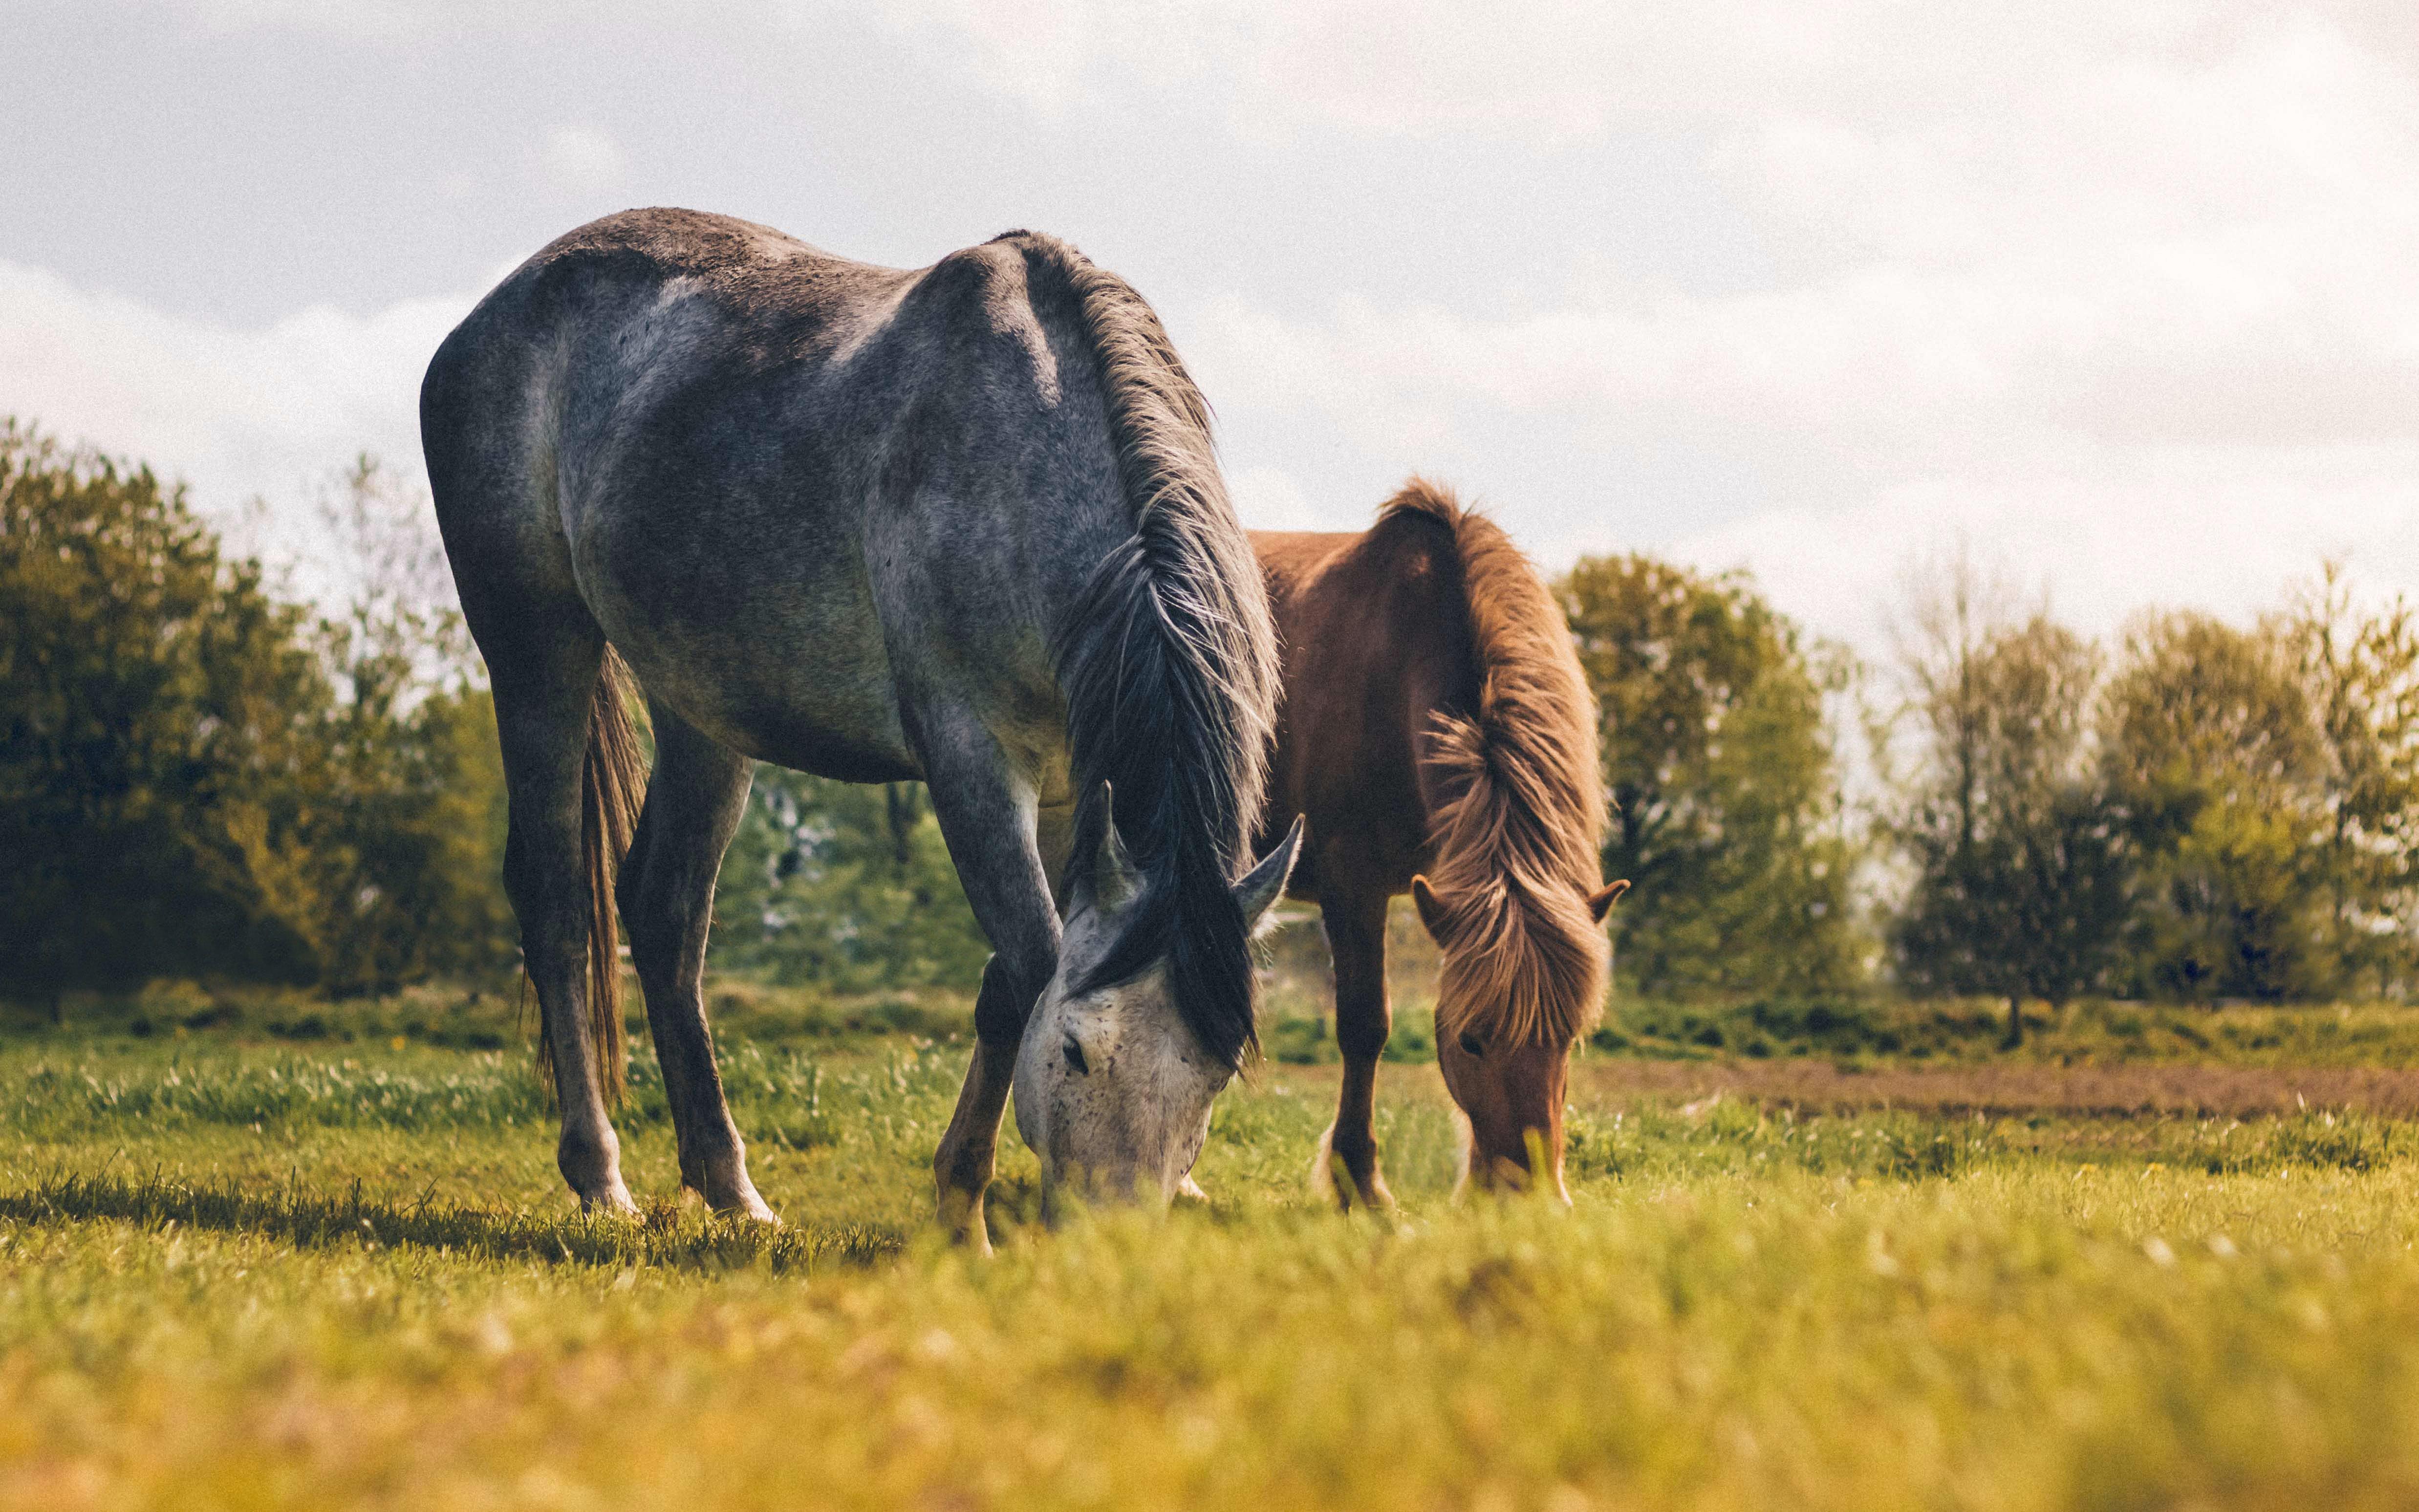 동물 사진, 들판, 말, 승마의 무료 스톡 사진